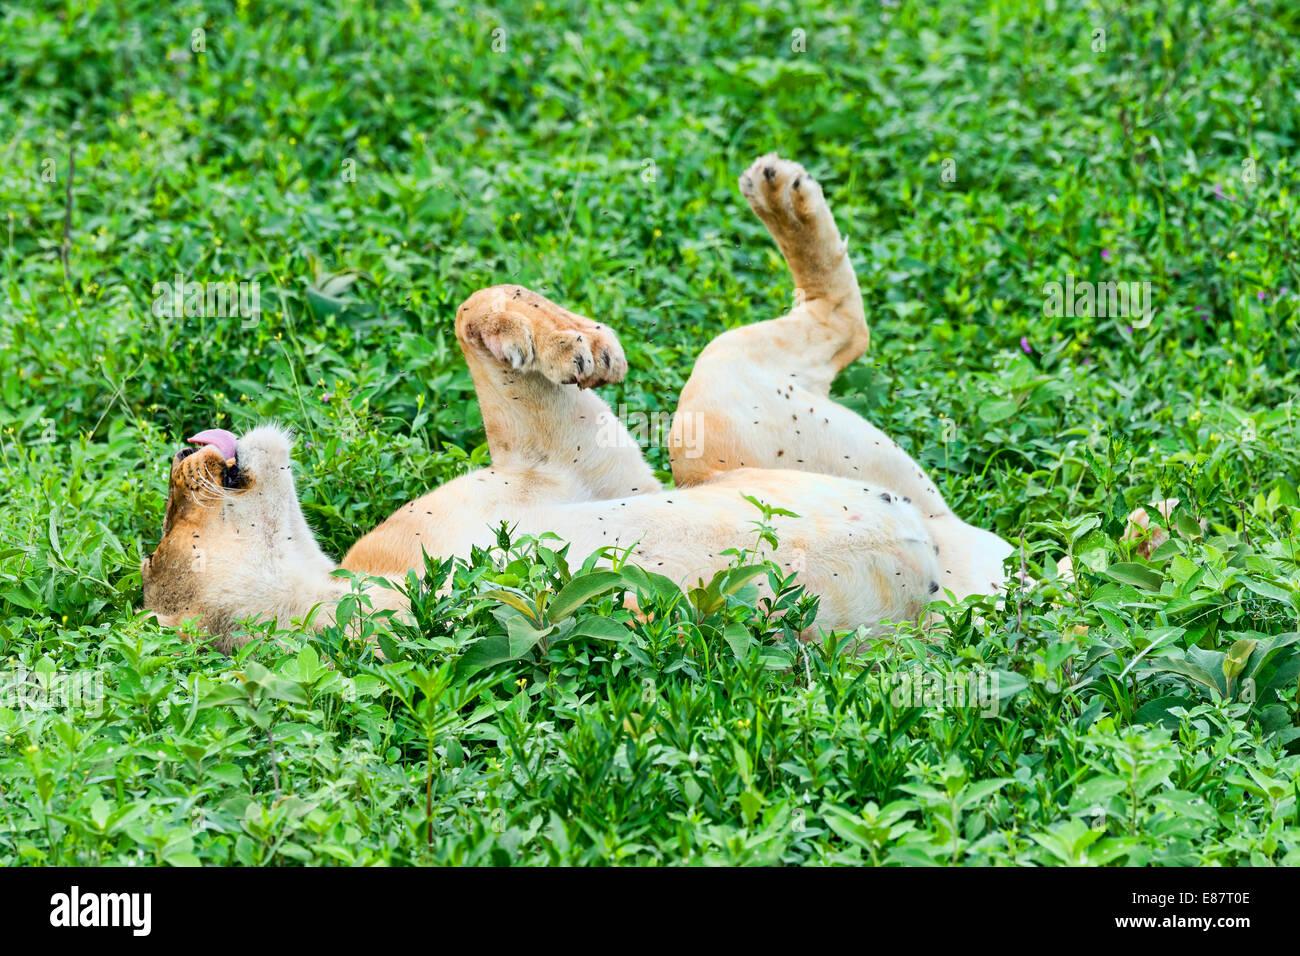 Fly-ridden Lioness (Panthera leo), Ndutu, Tanzania - Stock Image